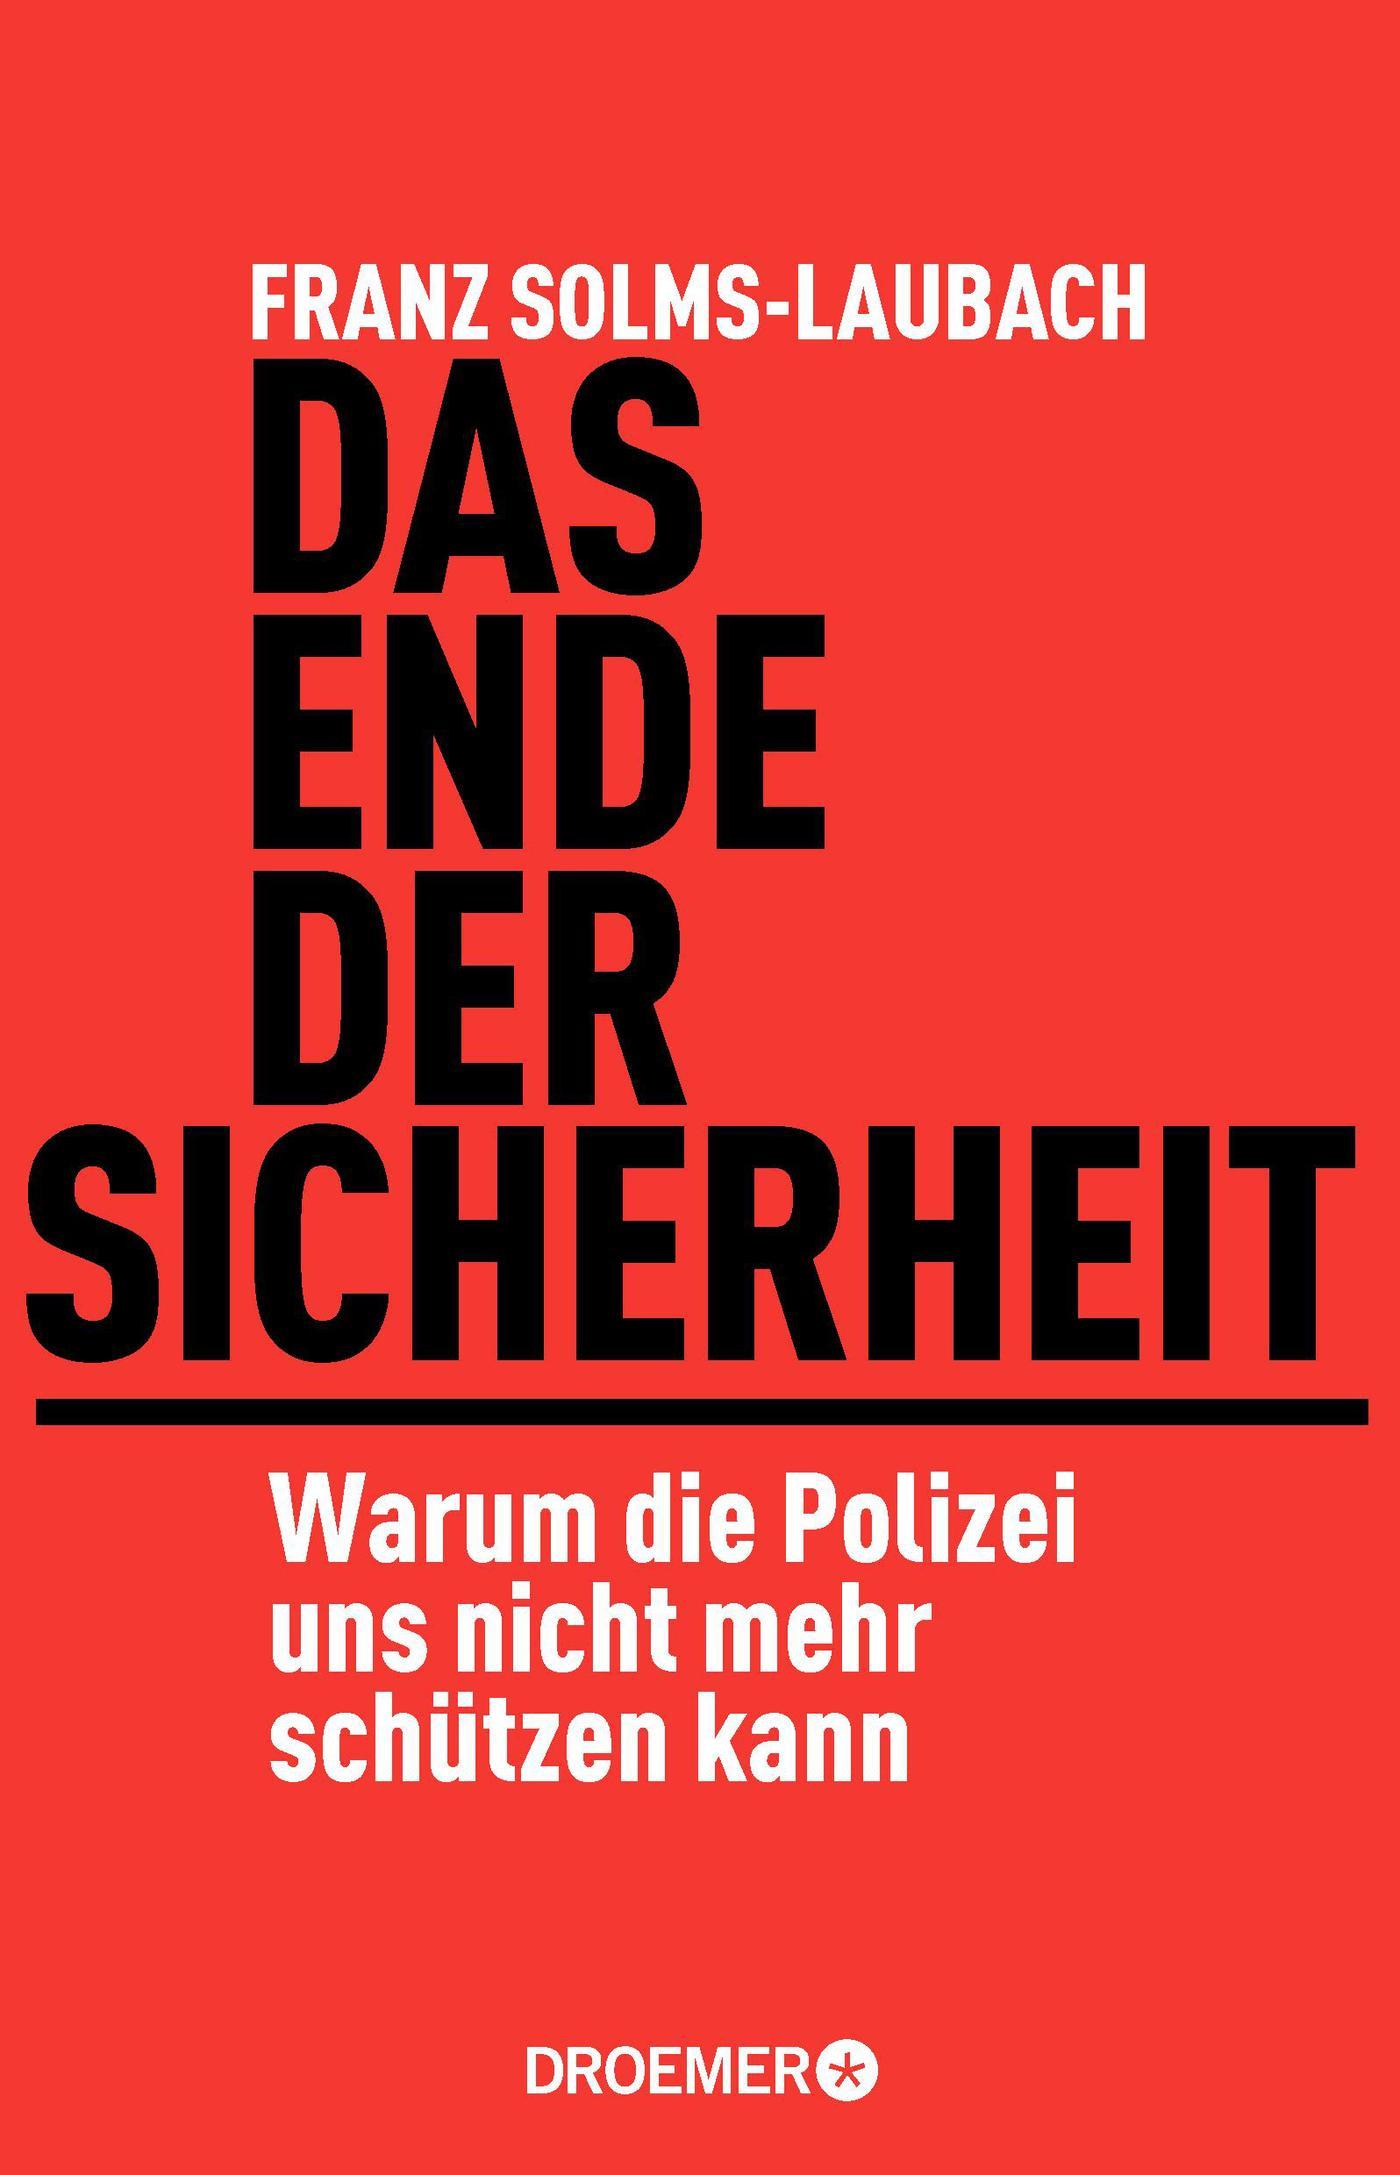 Das Ende der Sicherheit Franz Solms-Laubach